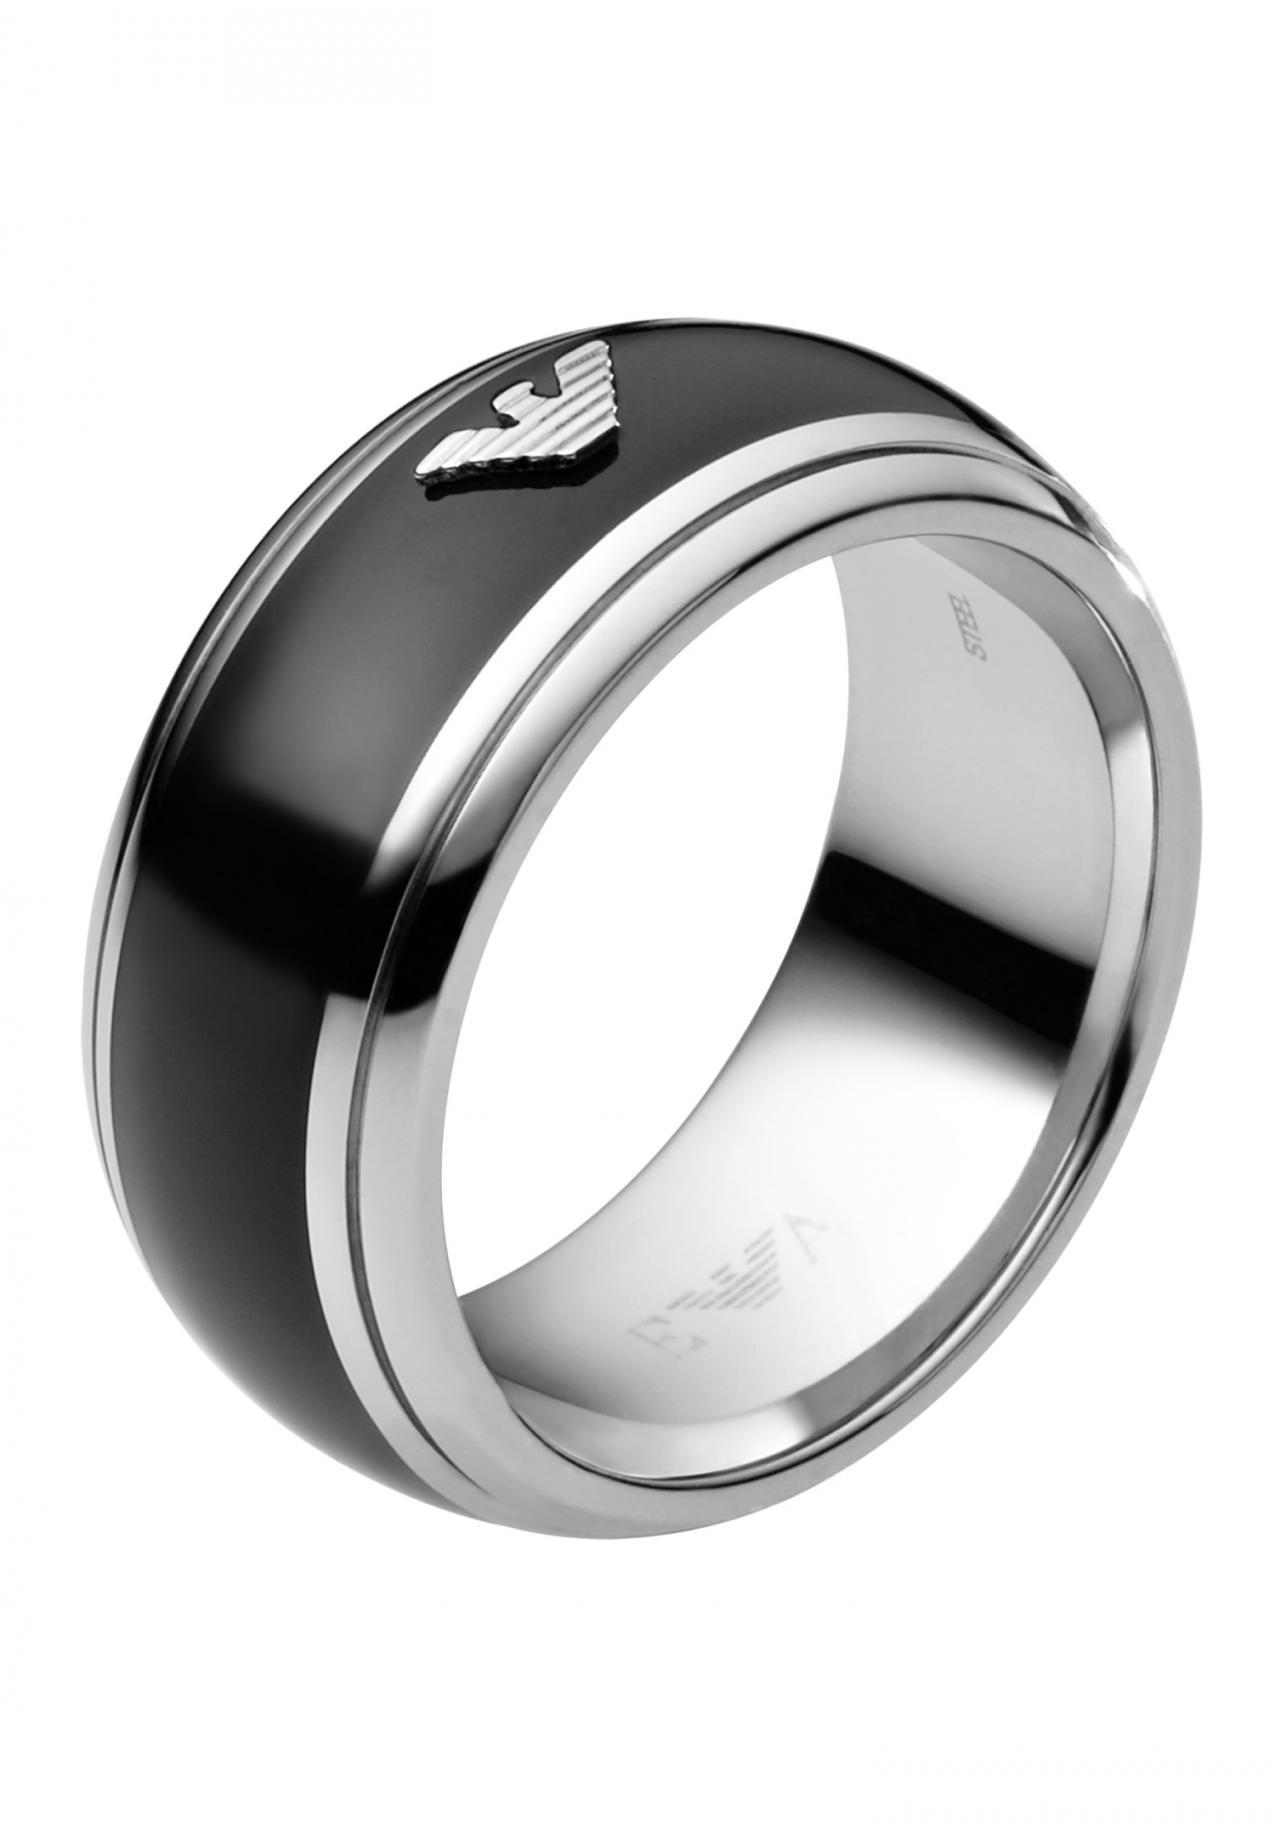 Emporio Armani Mens Ring EGS1730 nur 7900